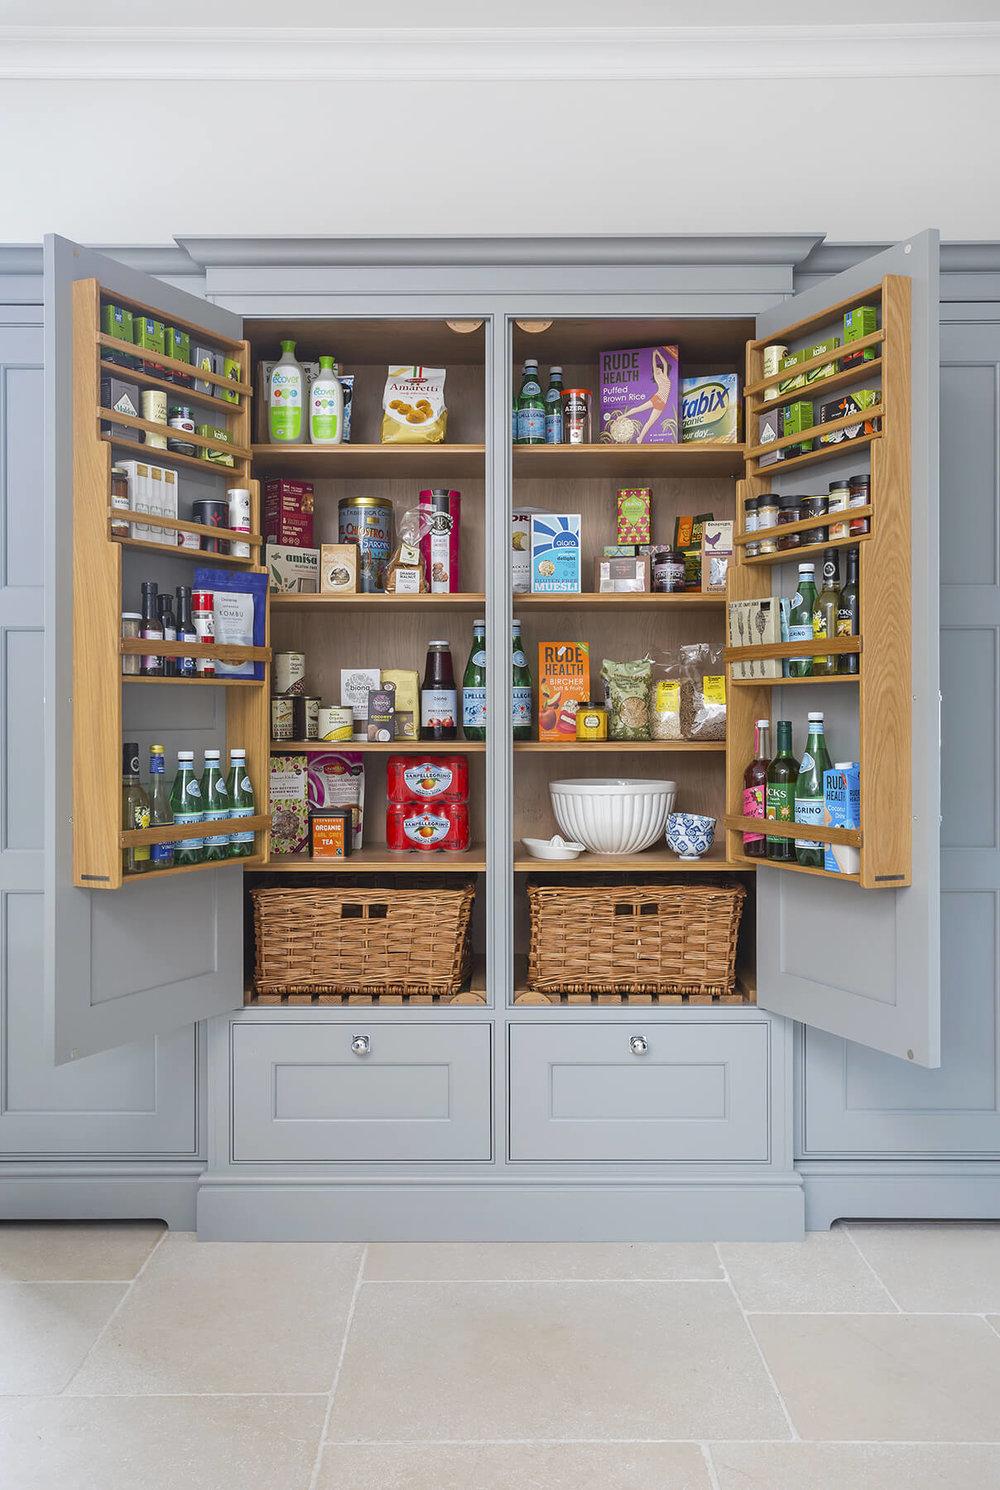 вместительные ящики на внутренней стороне дверцы шкафа  источник